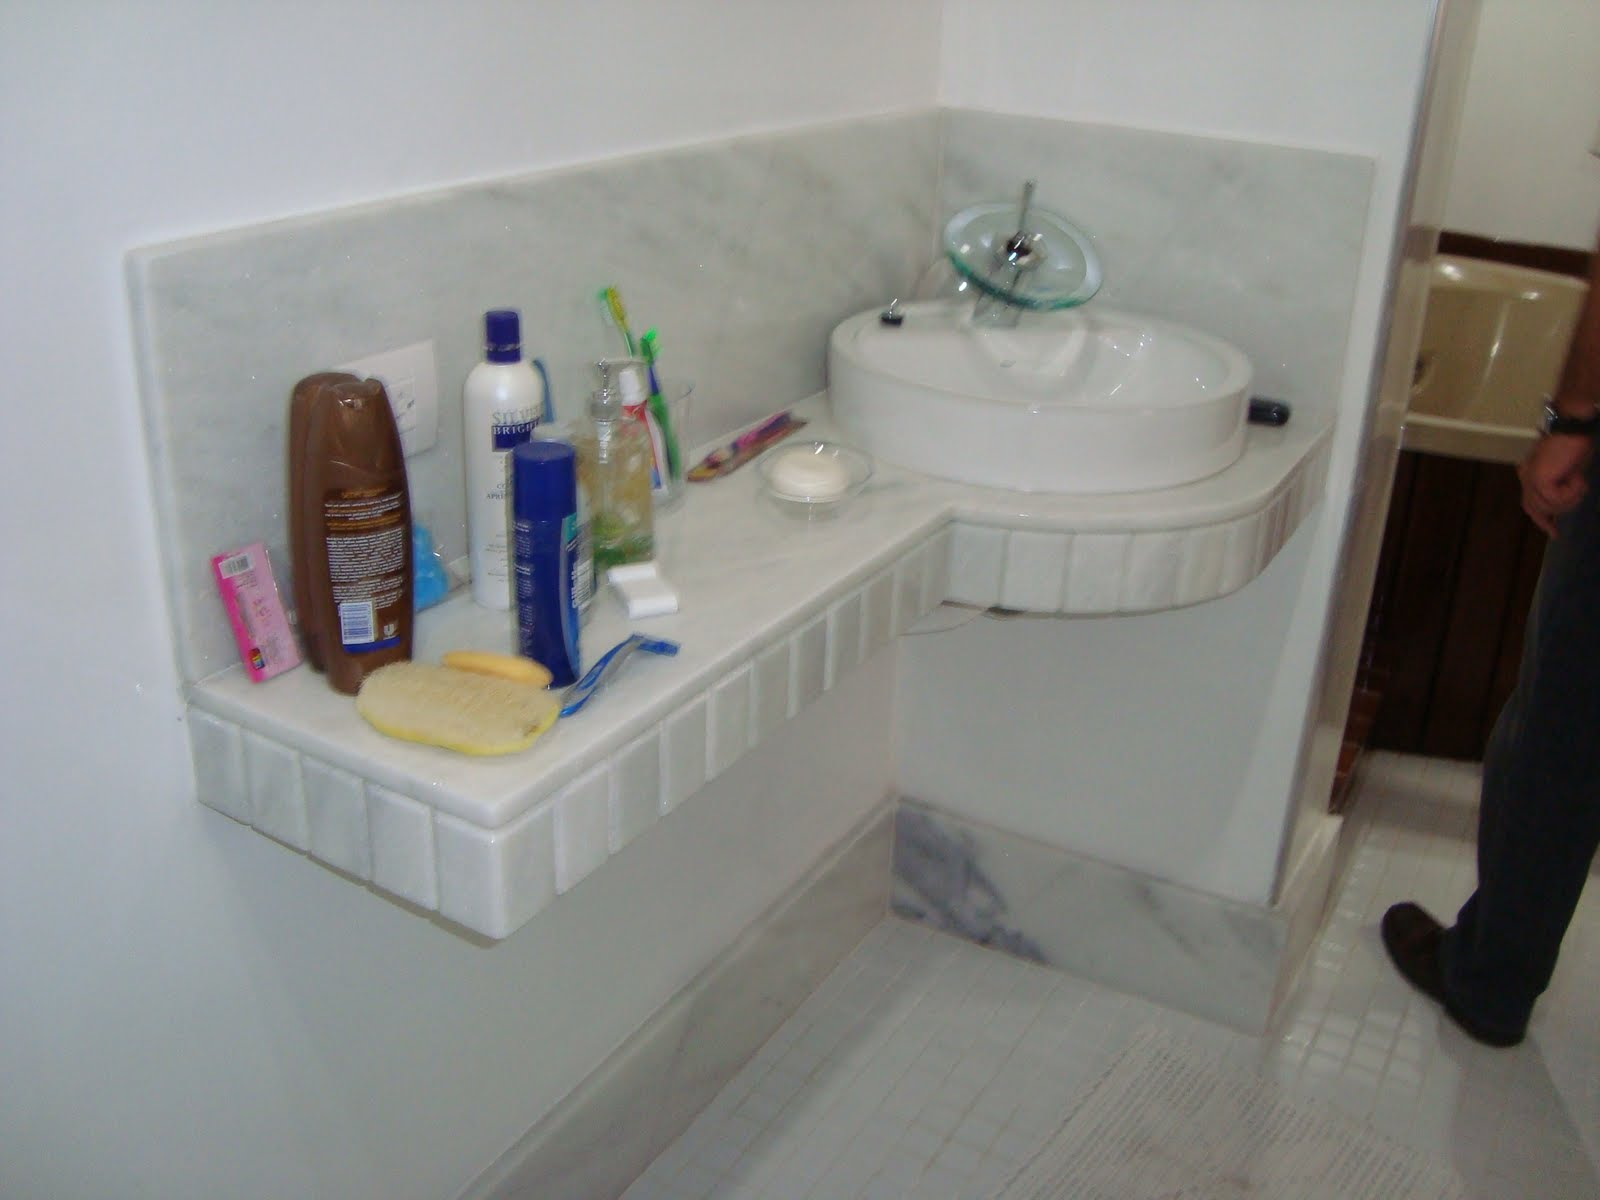 Marmoraria Granart: Bancadas Mármore Branco Clássico e Travertino. #2A3264 1600x1200 Banheiro Com Granito Travertino